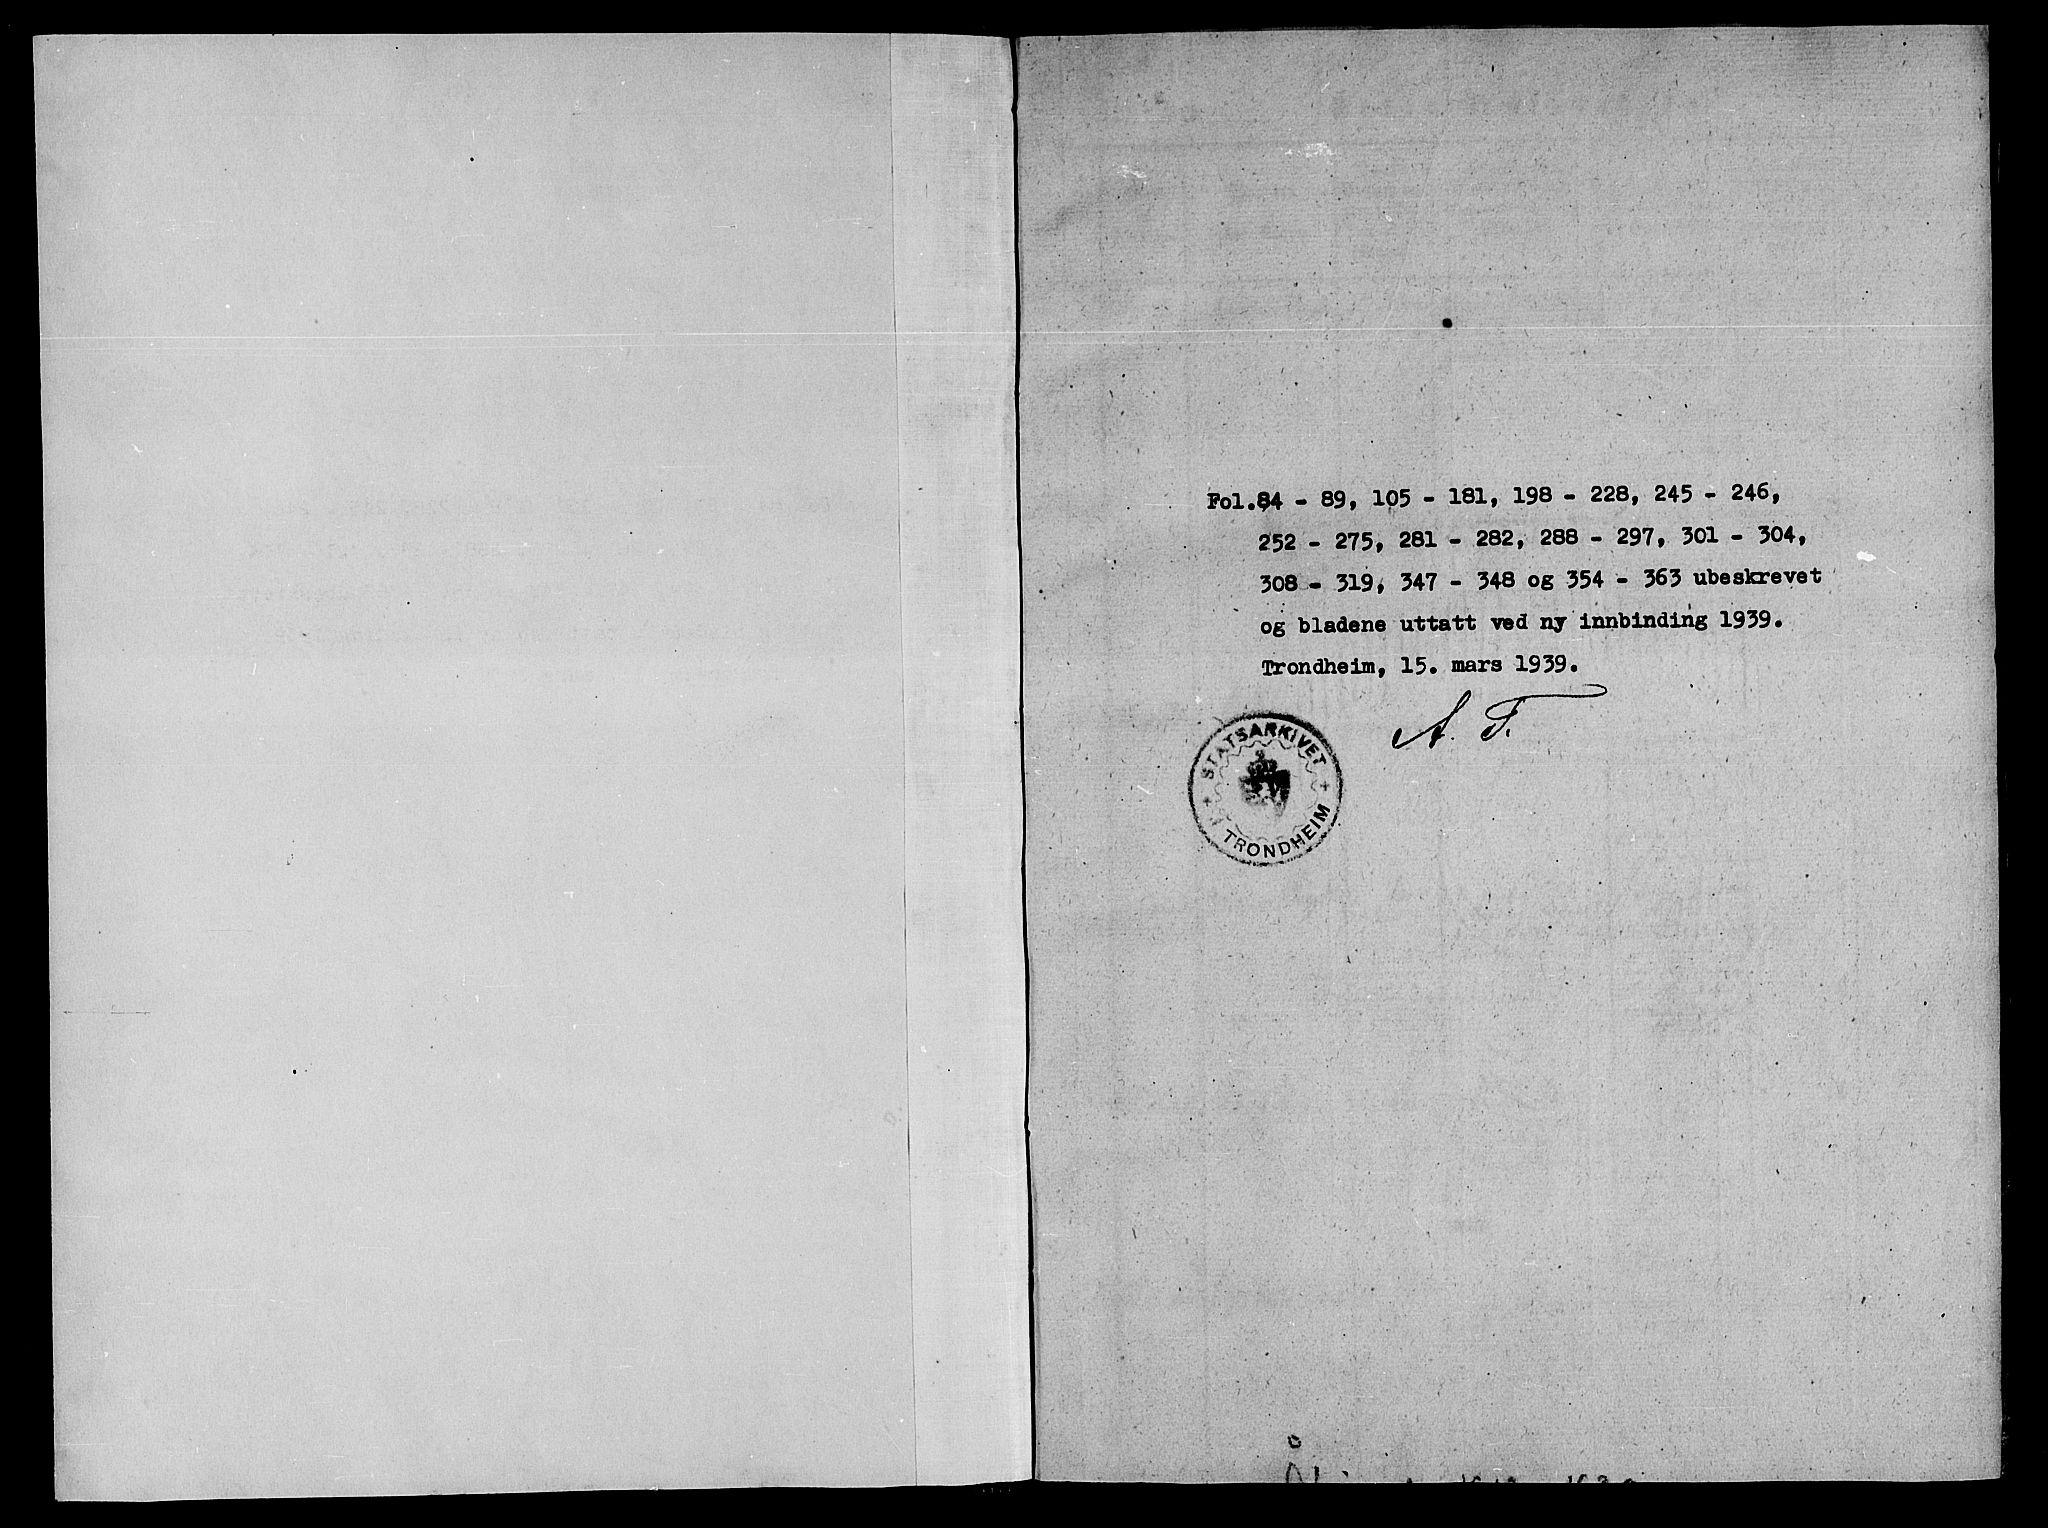 SAT, Ministerialprotokoller, klokkerbøker og fødselsregistre - Sør-Trøndelag, 655/L0675: Ministerialbok nr. 655A04, 1818-1830